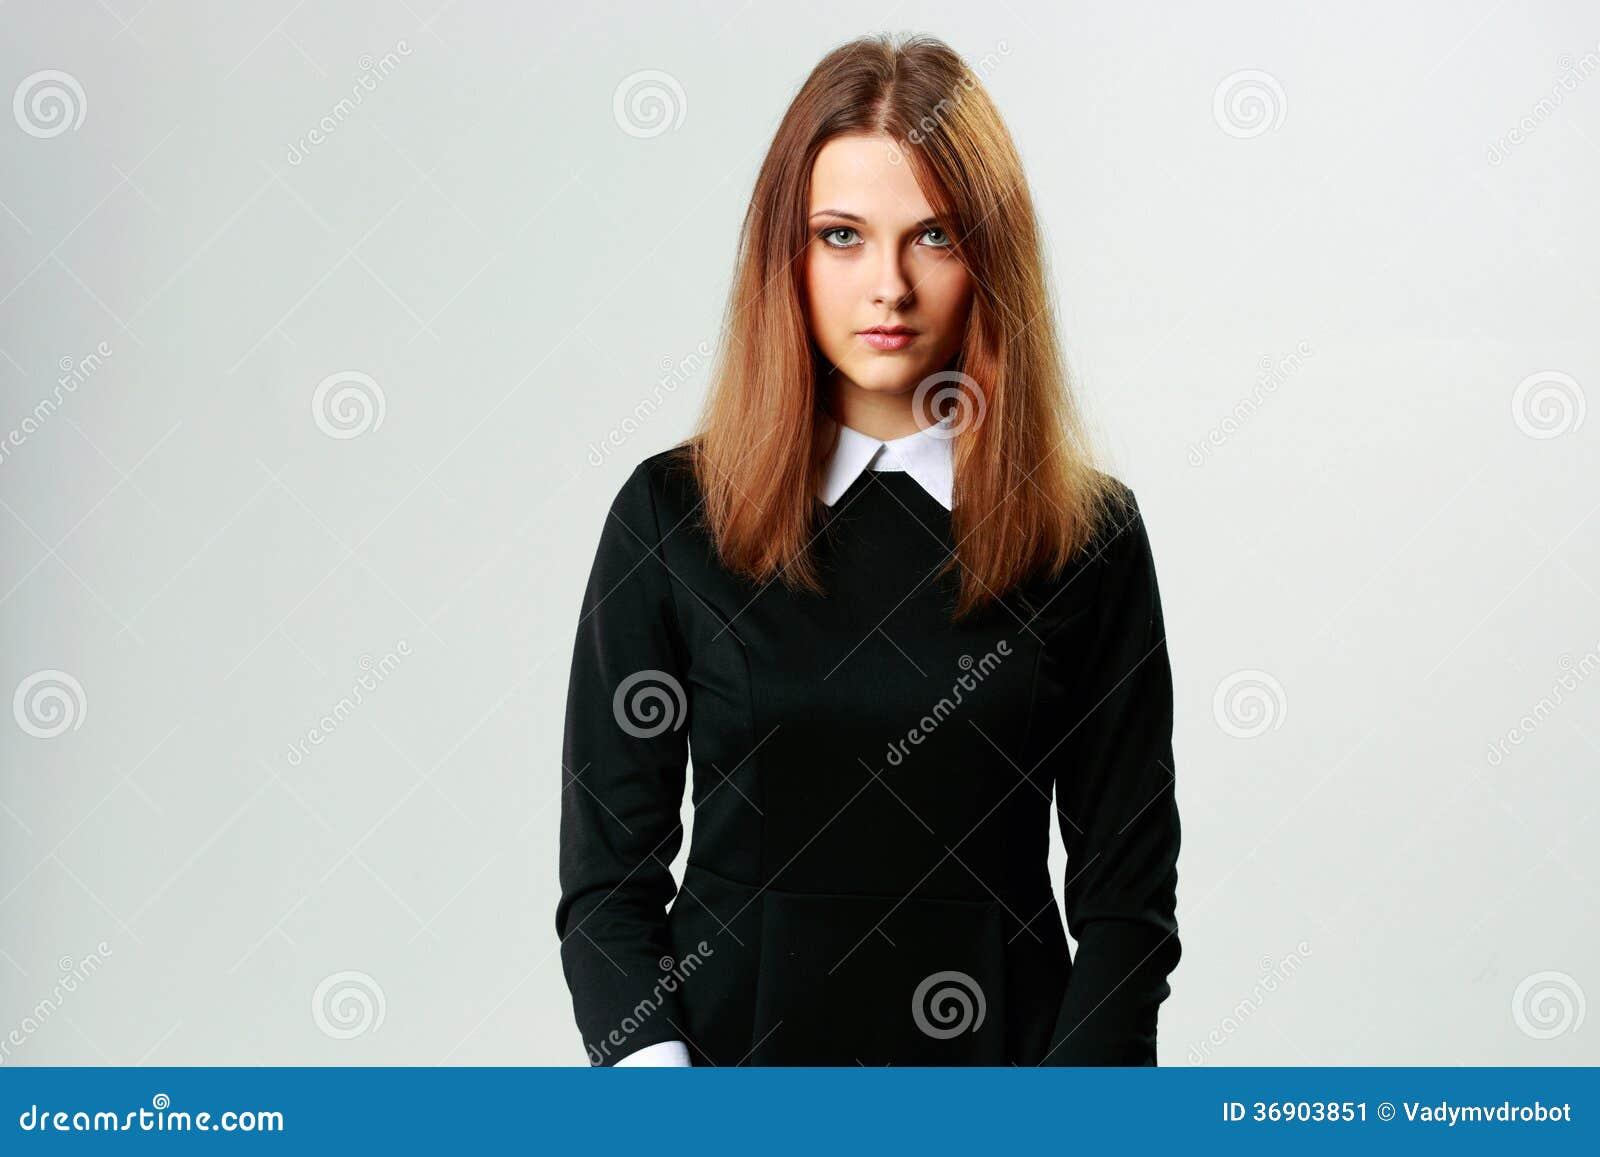 Młoda rozważna kobieta w formalnej sukni